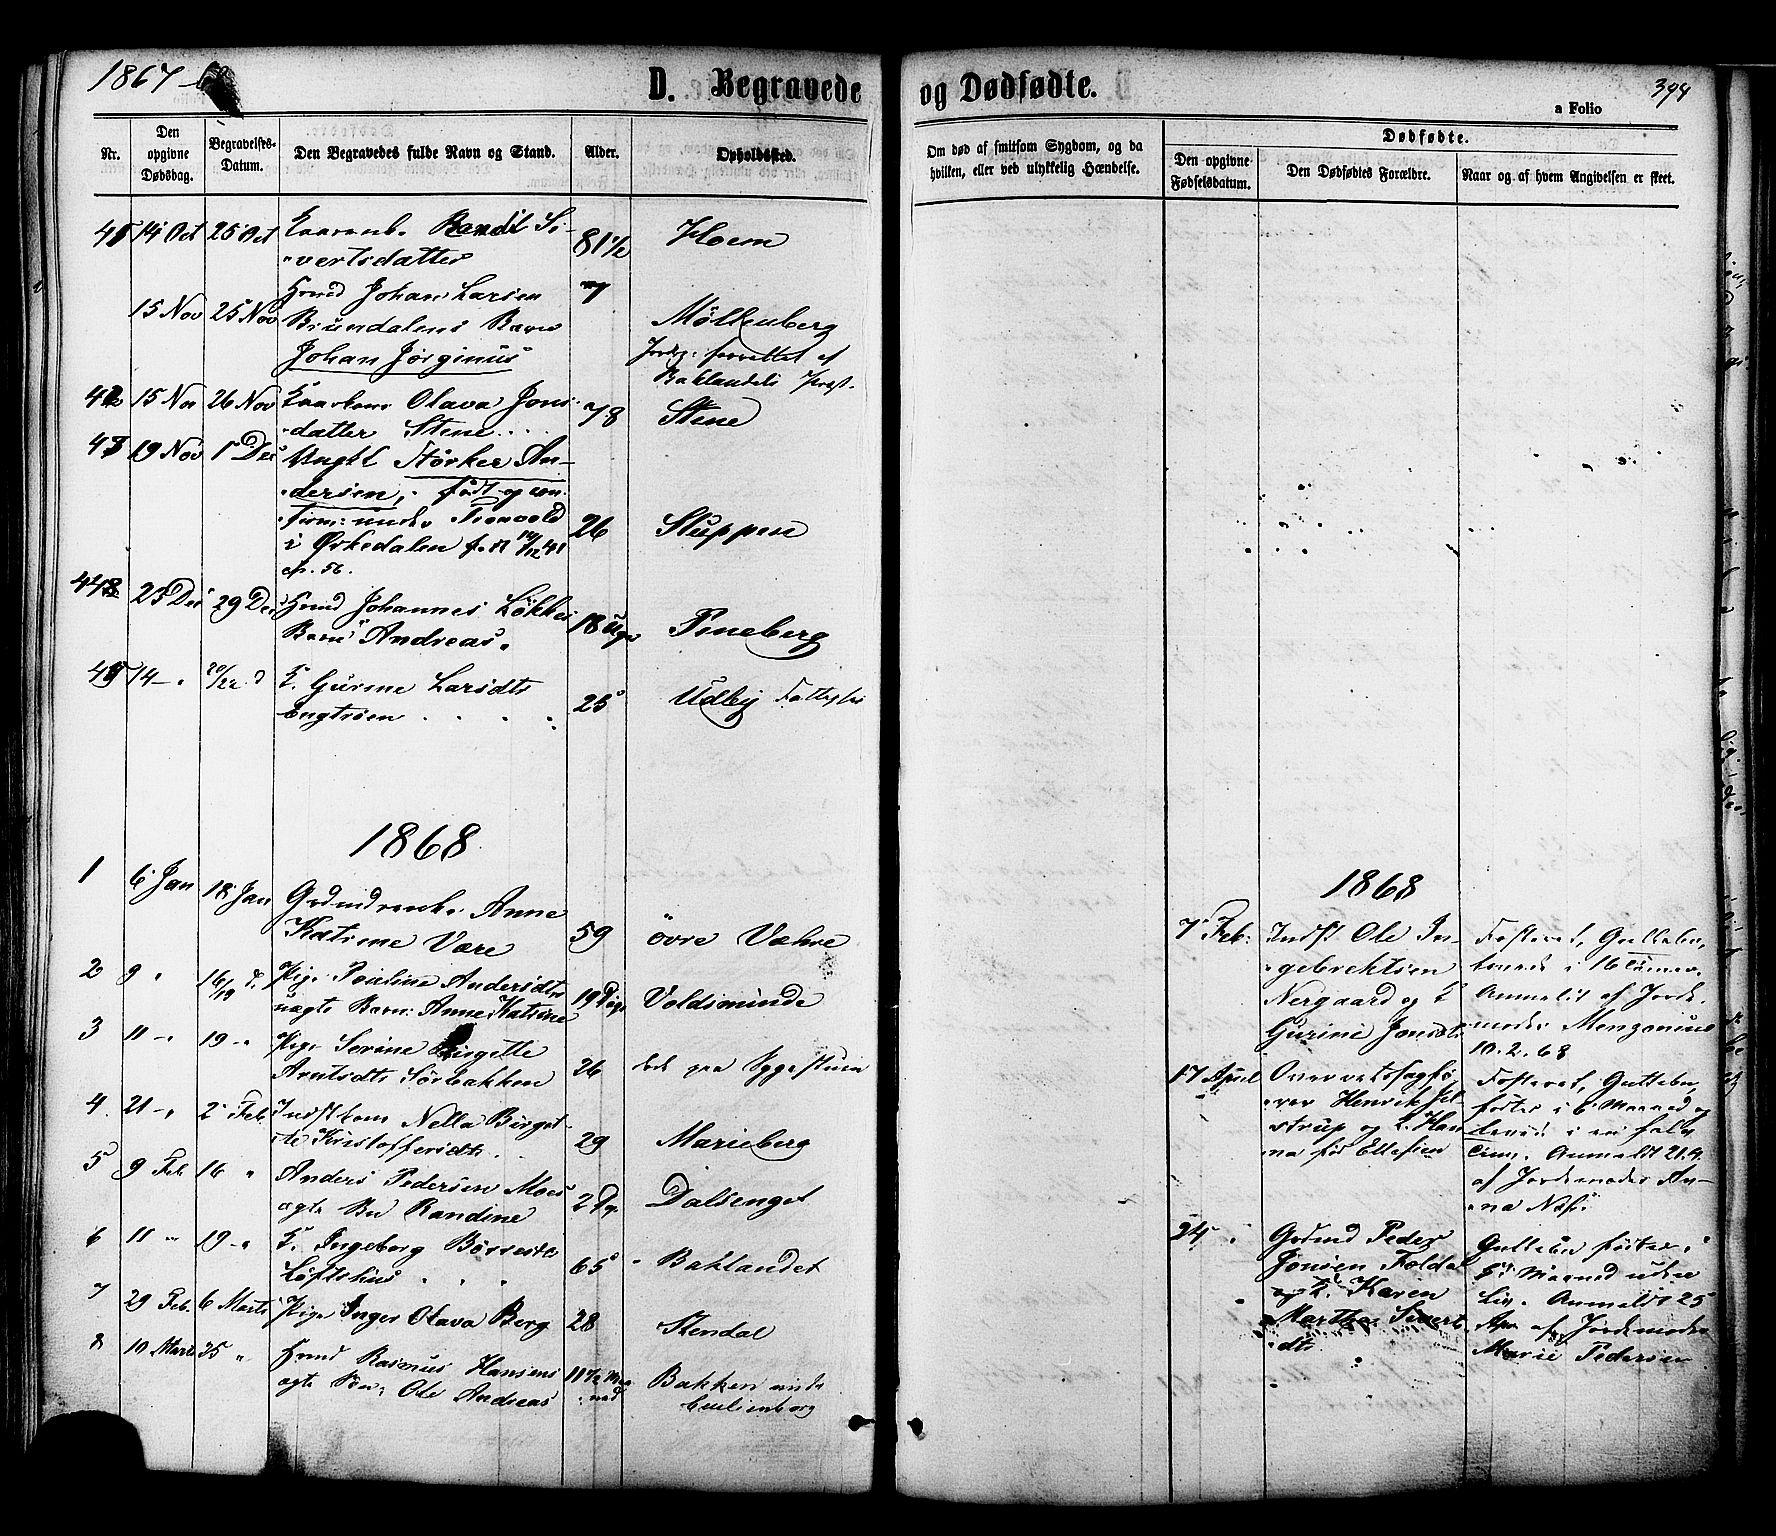 SAT, Ministerialprotokoller, klokkerbøker og fødselsregistre - Sør-Trøndelag, 606/L0293: Ministerialbok nr. 606A08, 1866-1877, s. 394